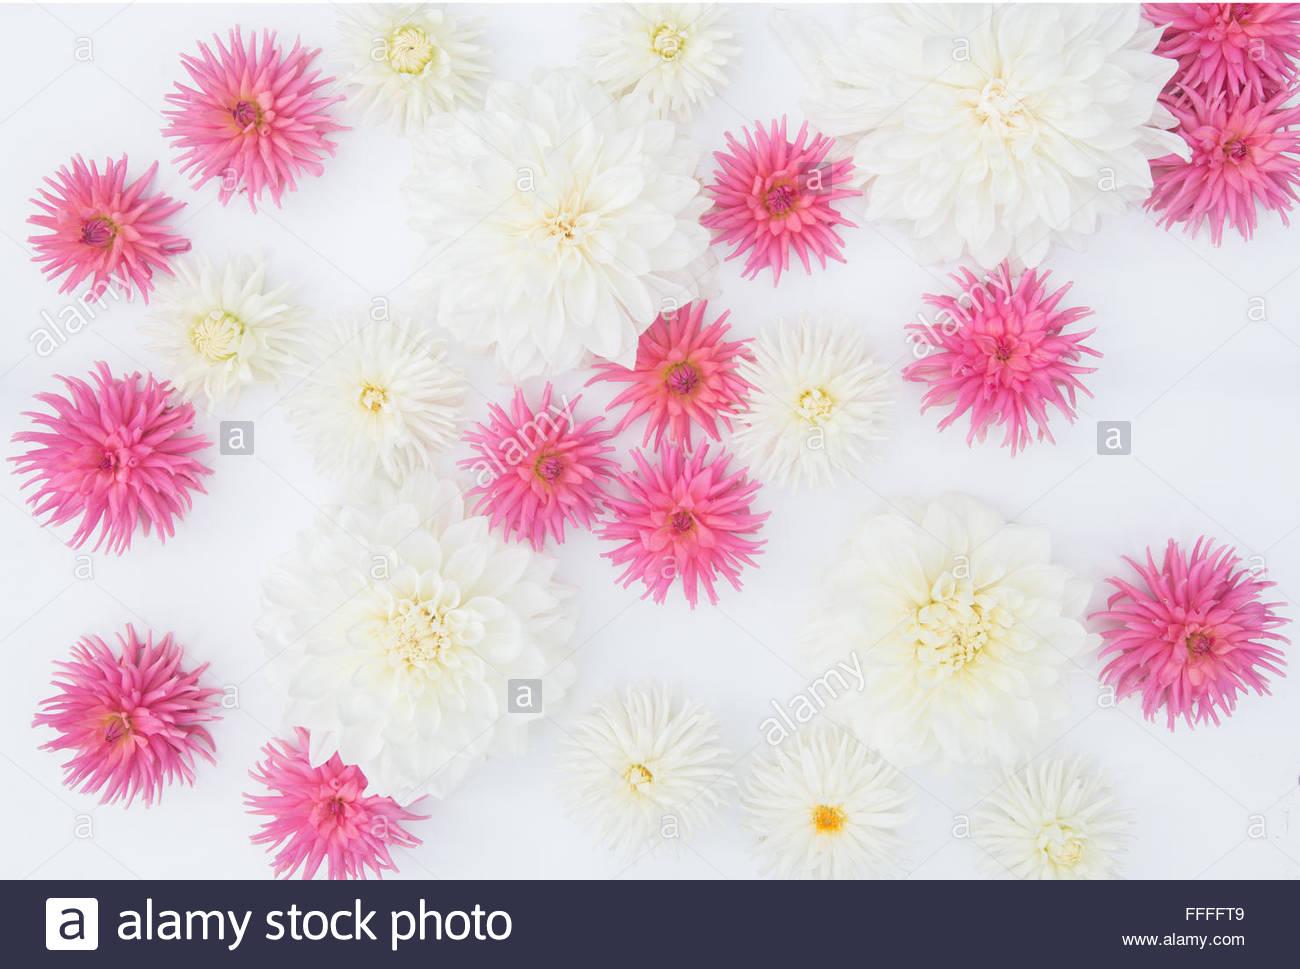 Bianco E Rosa Fiori Dahlia Su Sfondo Bianco Foto Immagine Stock